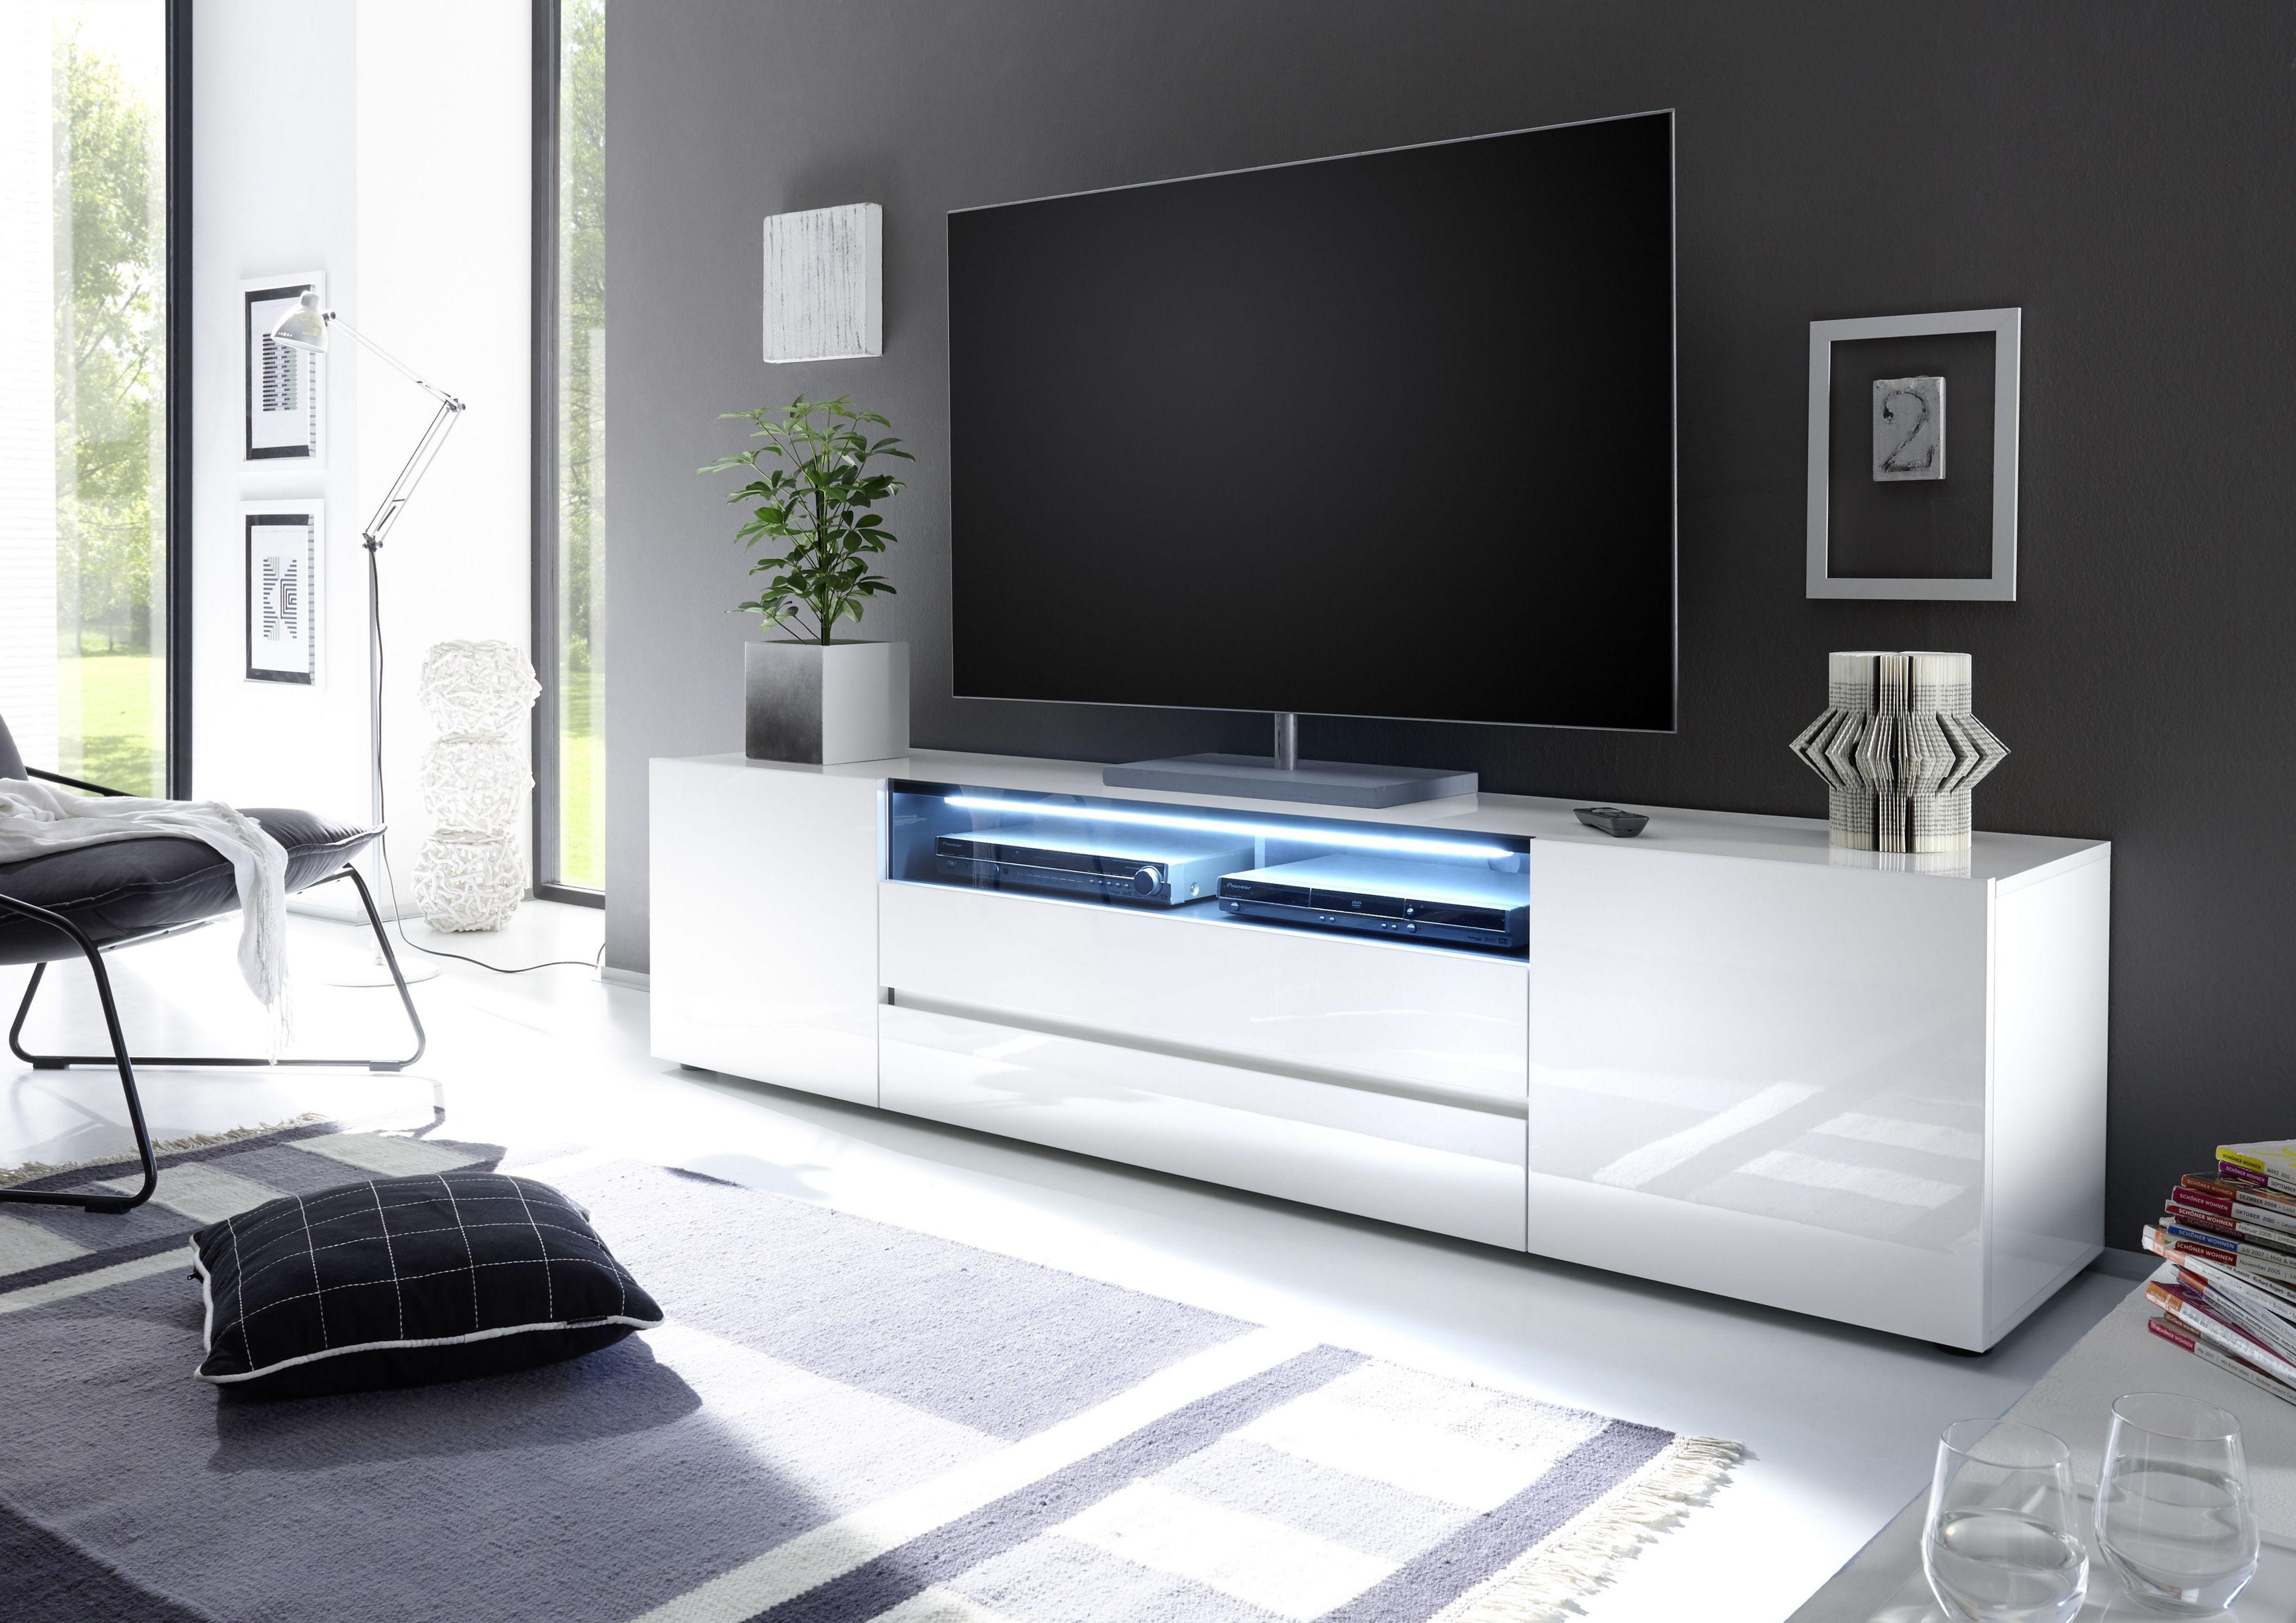 Tv Lowboard Weiss Modern En 2020 Muebles Para Tv Modernos